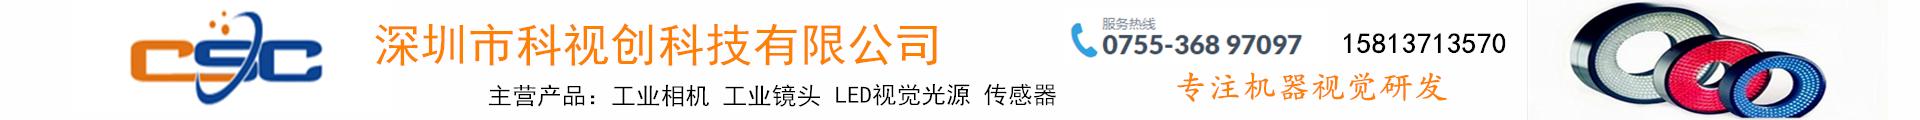 深圳市科視創科技有限公司